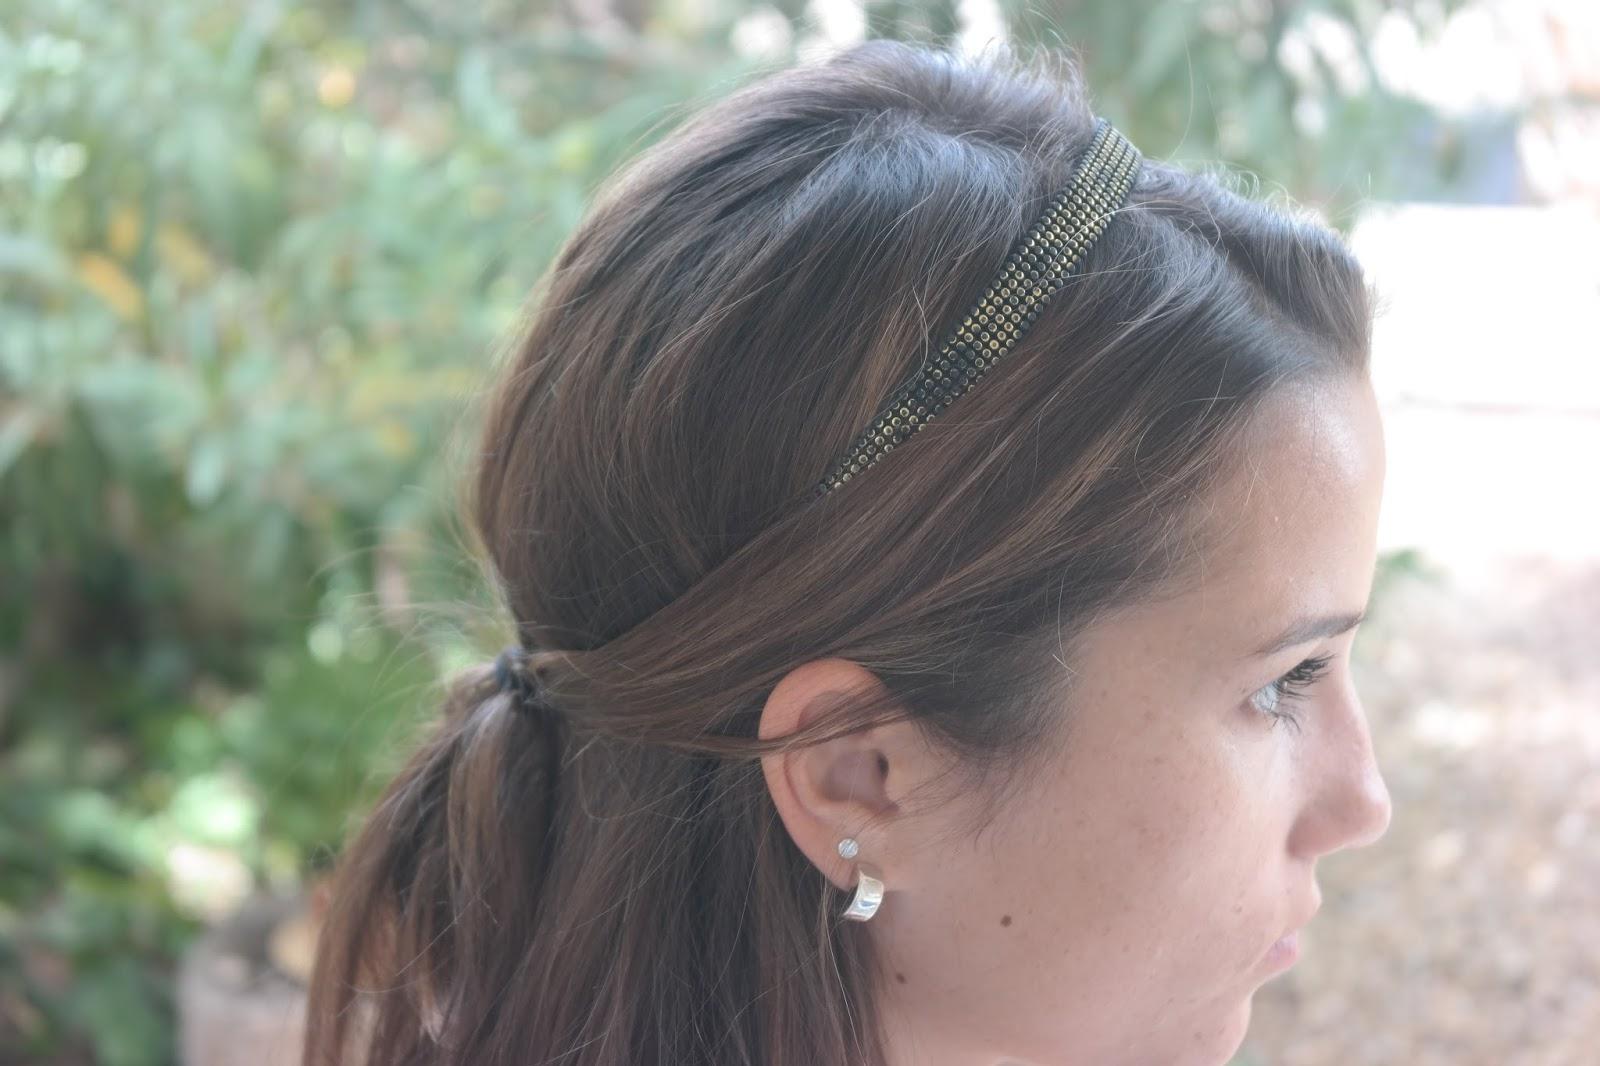 Pour vous présenter le site d\u0027Accessoires Cheveux Chic, je vous ai fait une  petite sélection d\u0027articles entre les bandeaux, les serre,têtes et les  pinces,